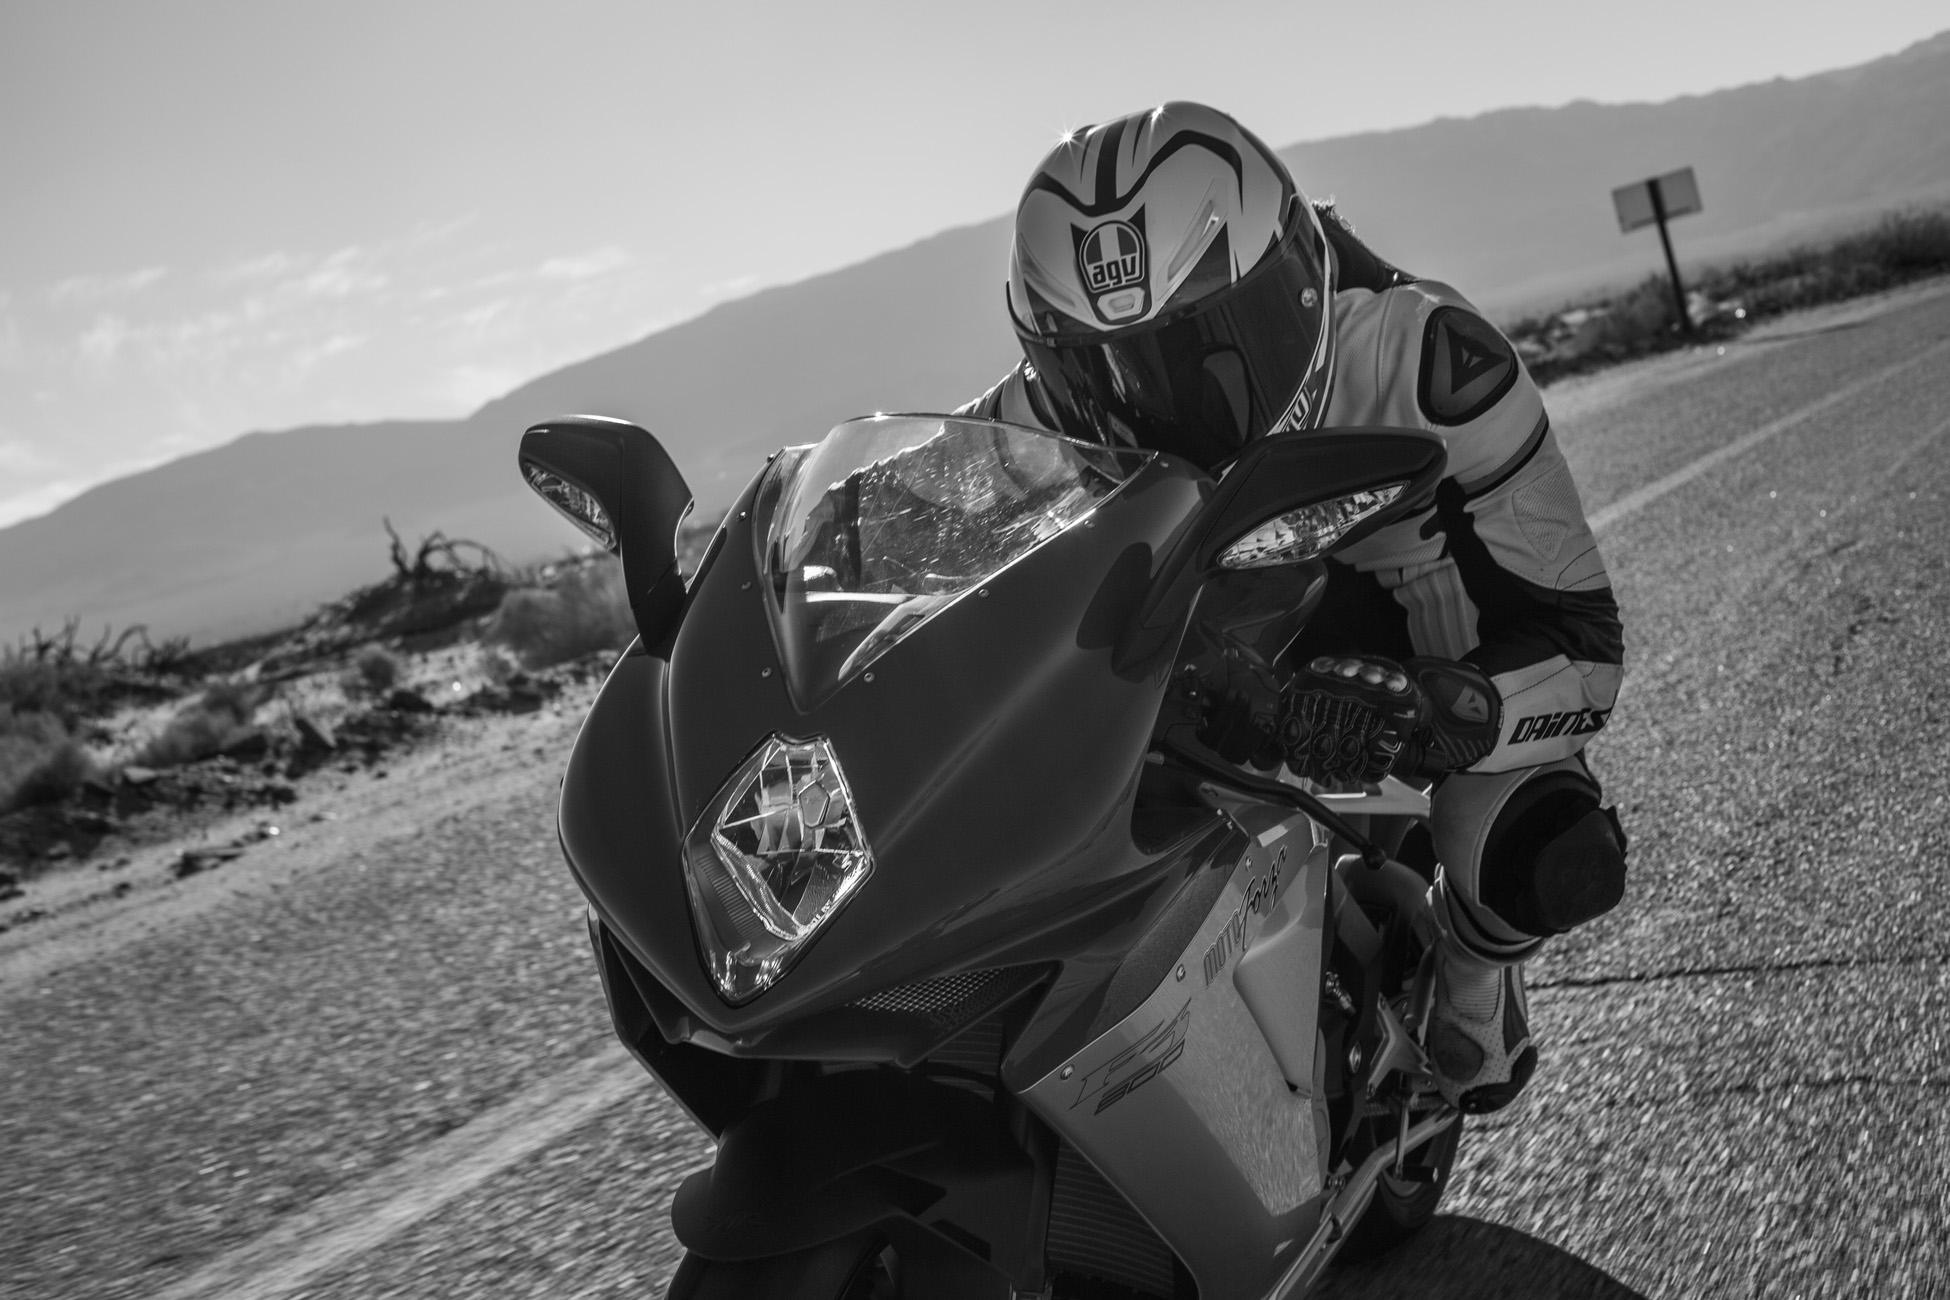 jen-dunstan-womens-moto-exhibit5